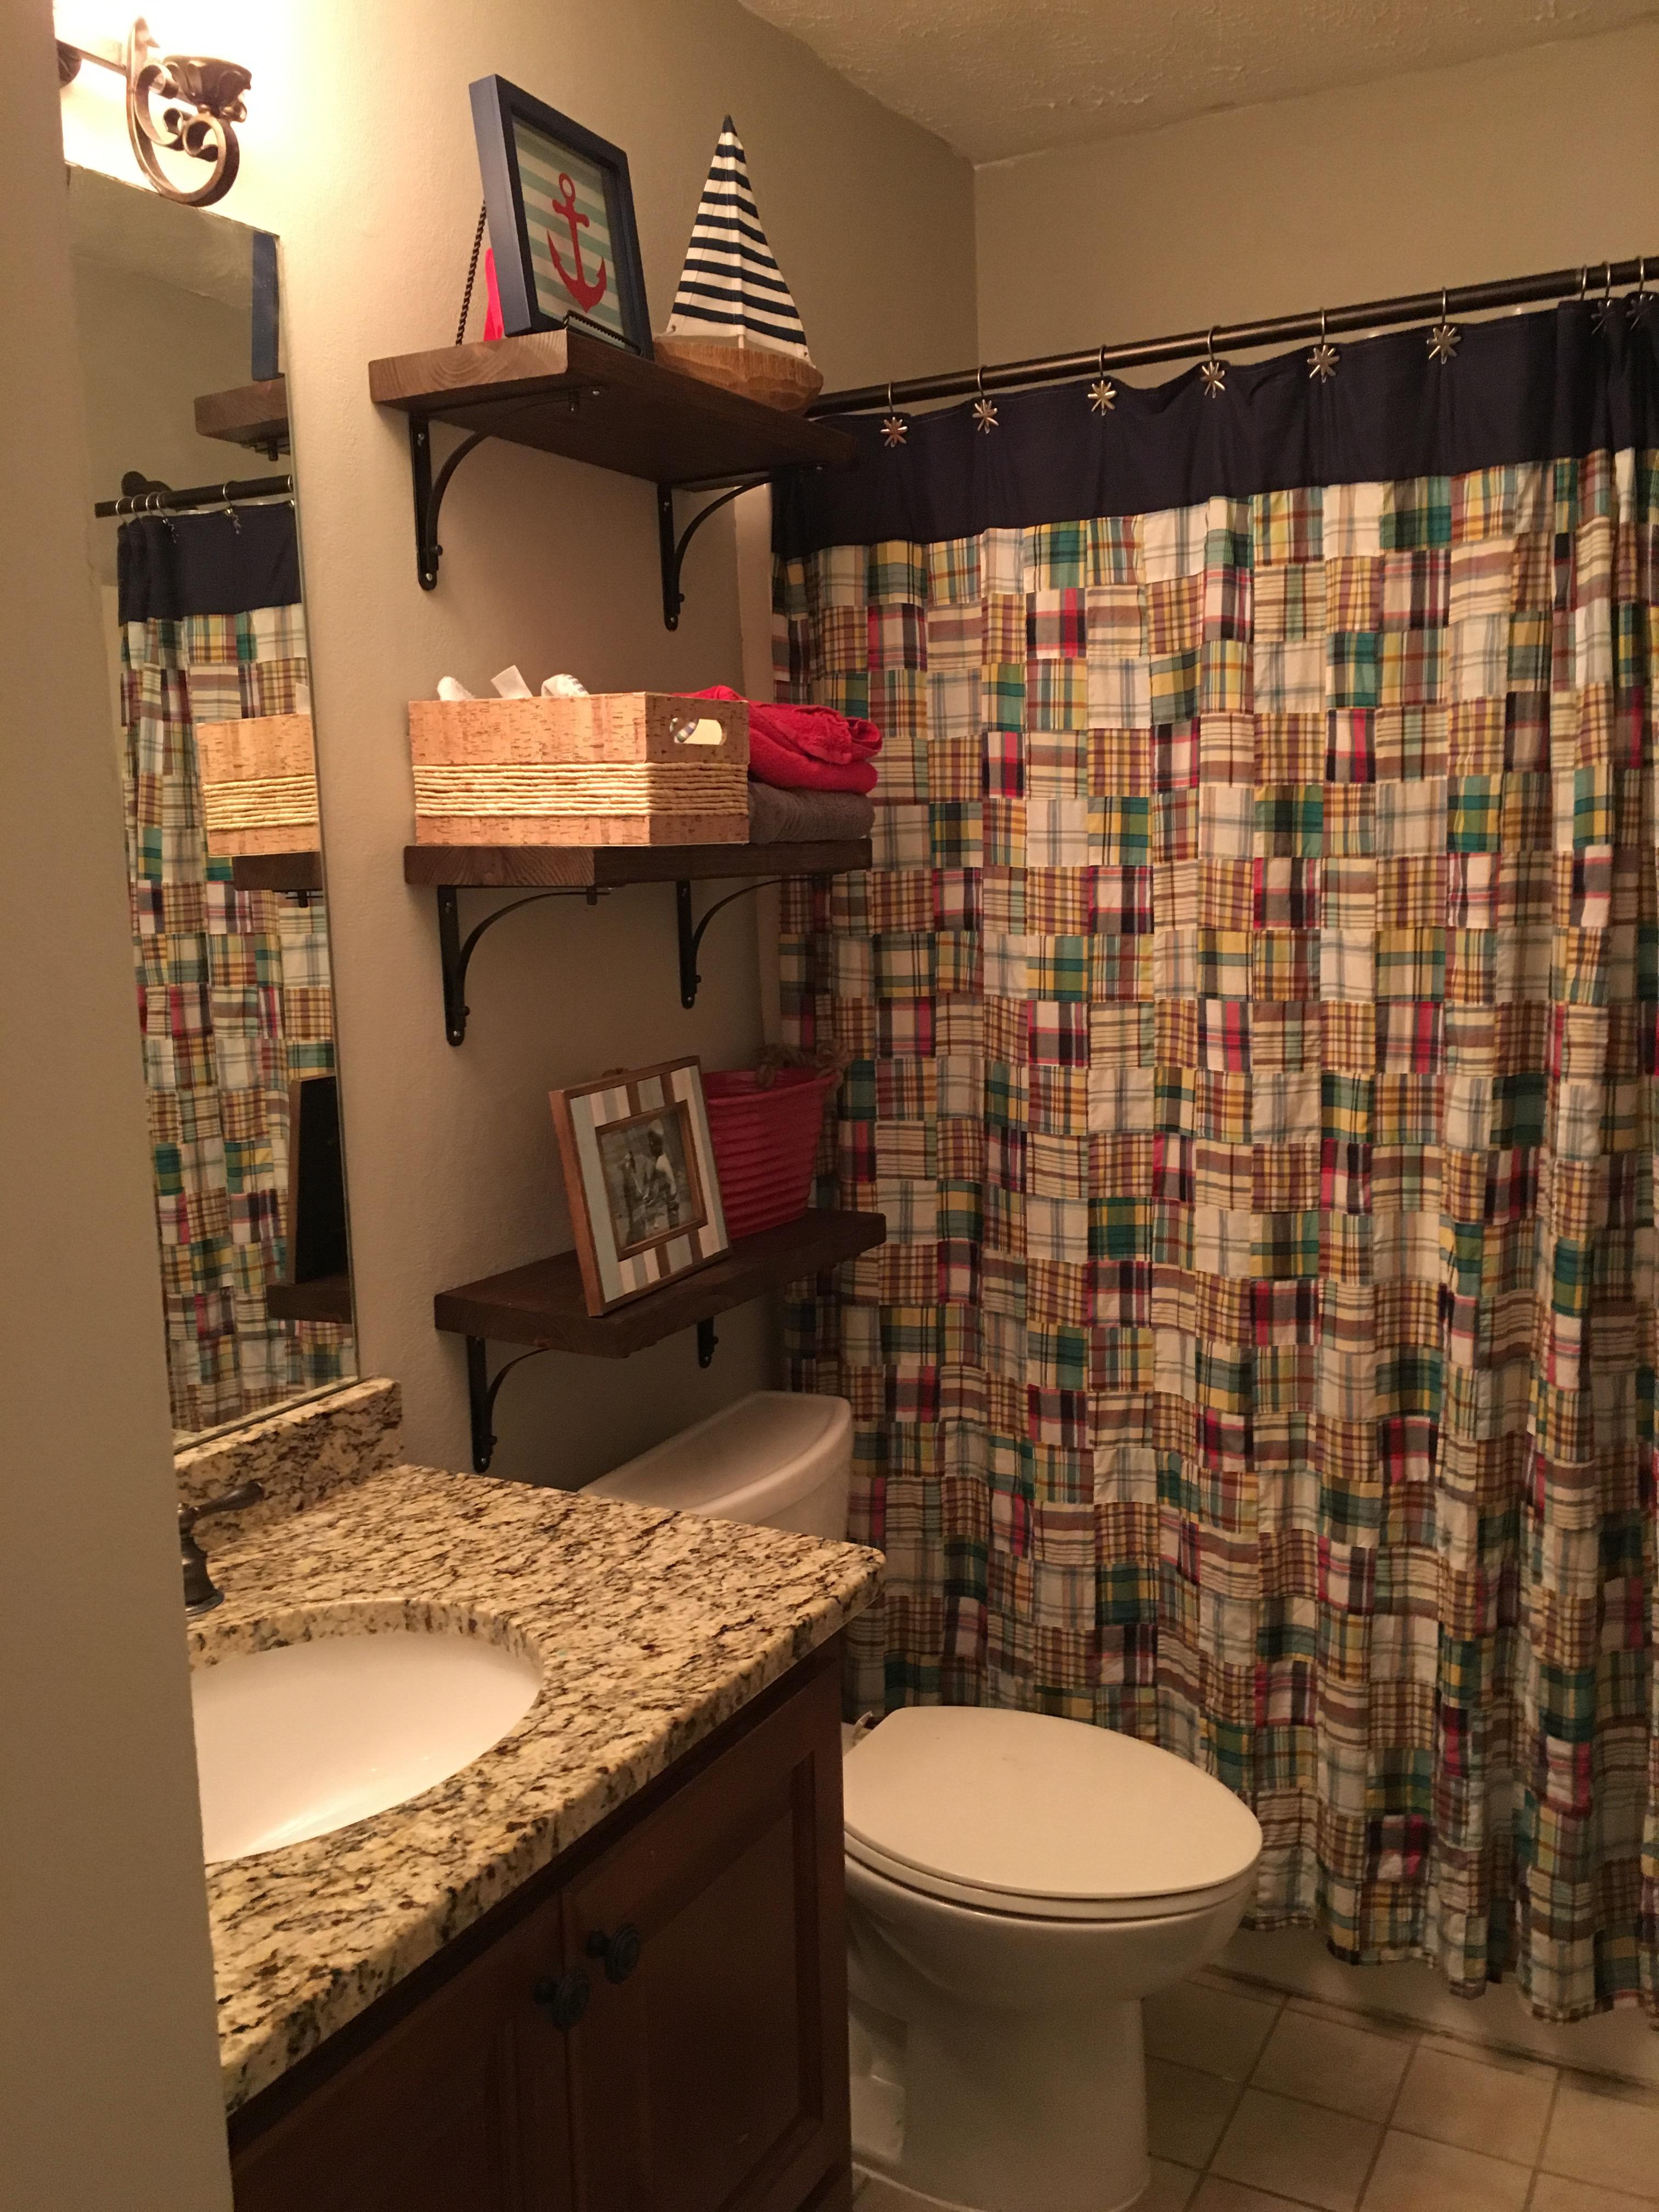 Bathroom Signs Hobby Lobby bathroom | sew sassy creations